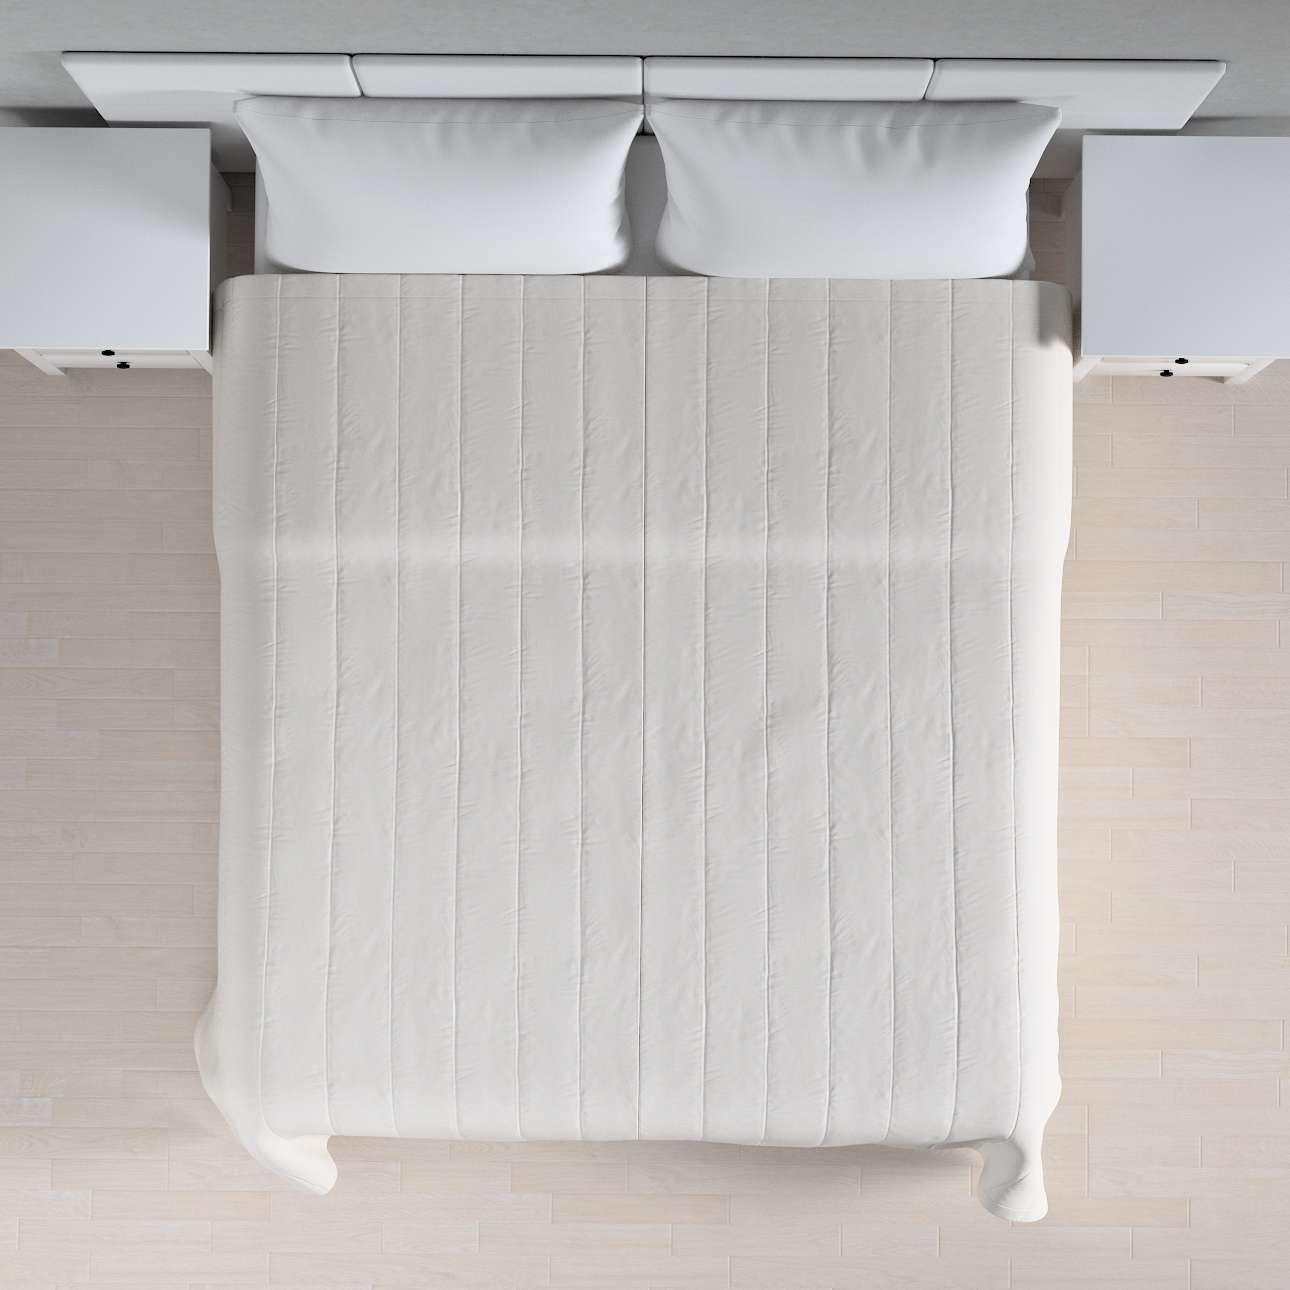 Narzuta pikowana w pasy szer.260 x dł.210 cm w kolekcji Linen, tkanina: 392-04